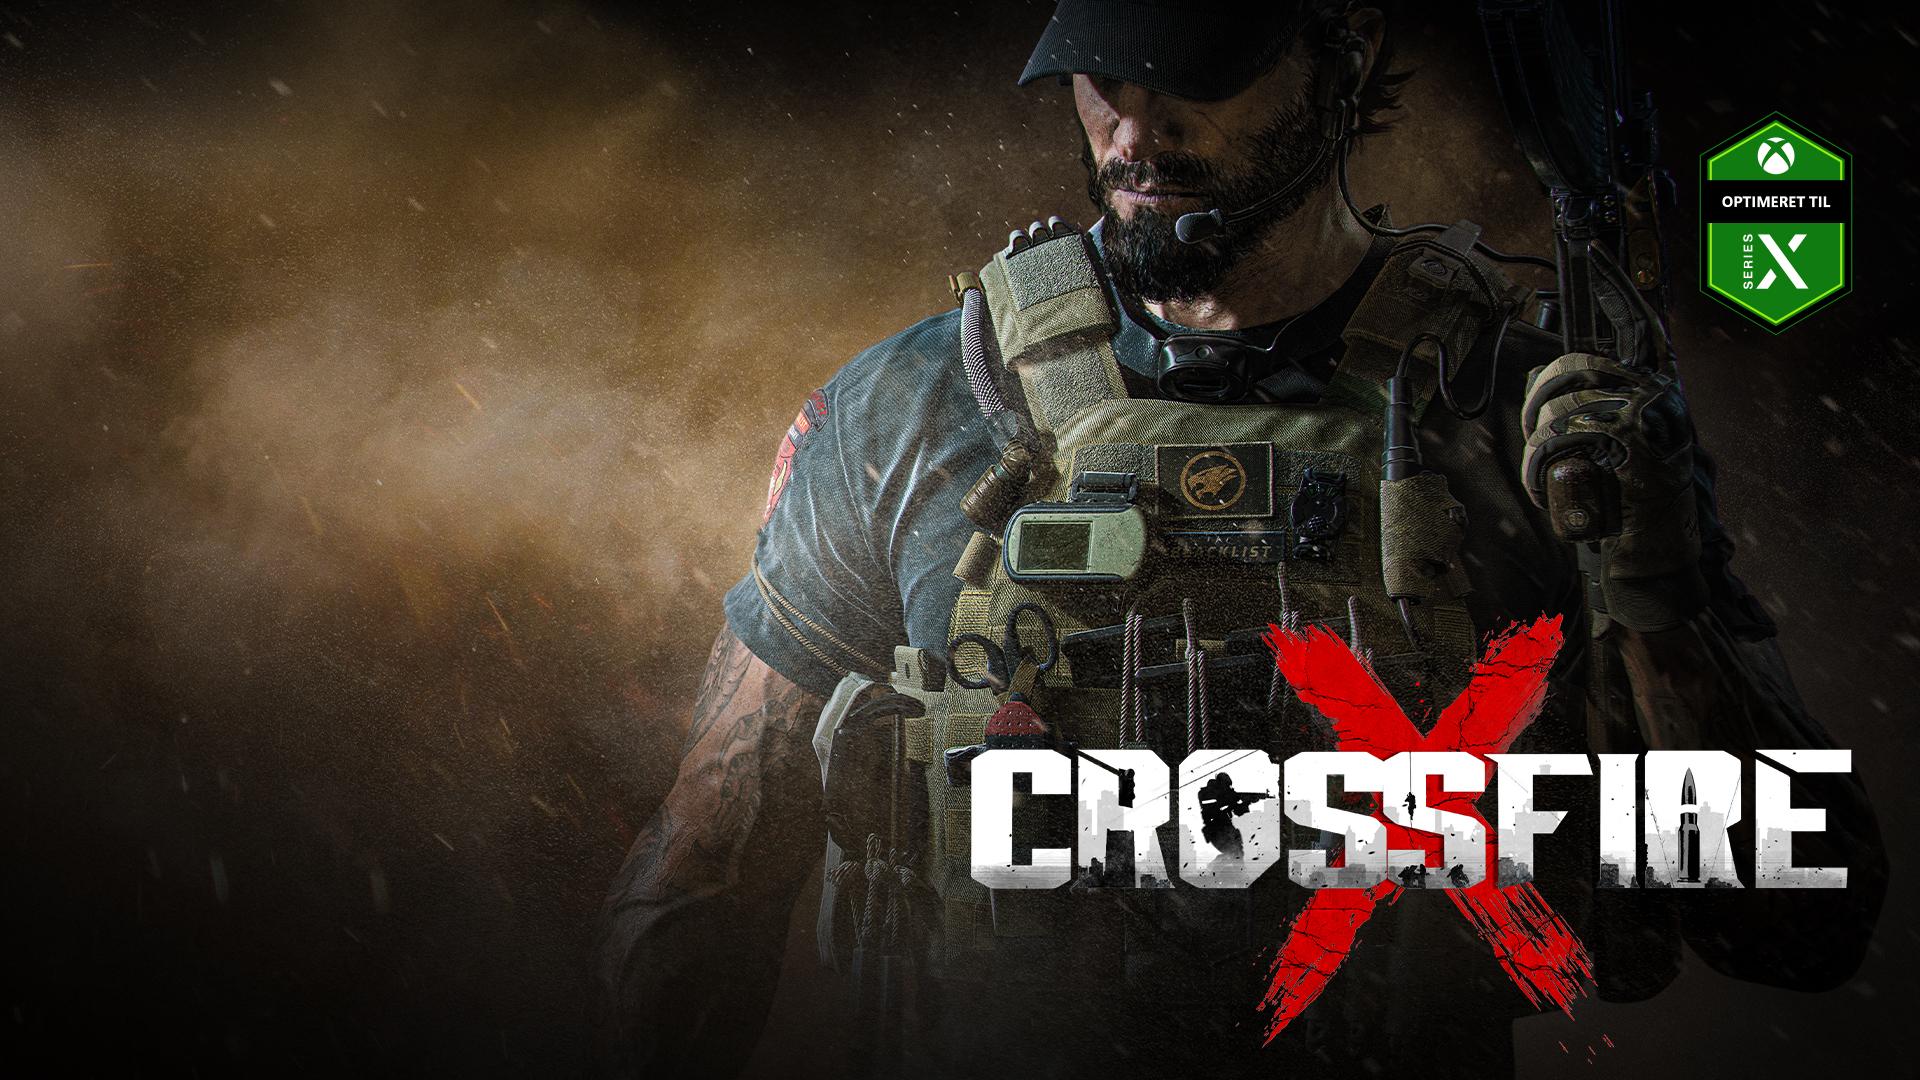 CrossfireX, Optimeret til Xbox Series X, En mand i tung udrustning står i røg og aske